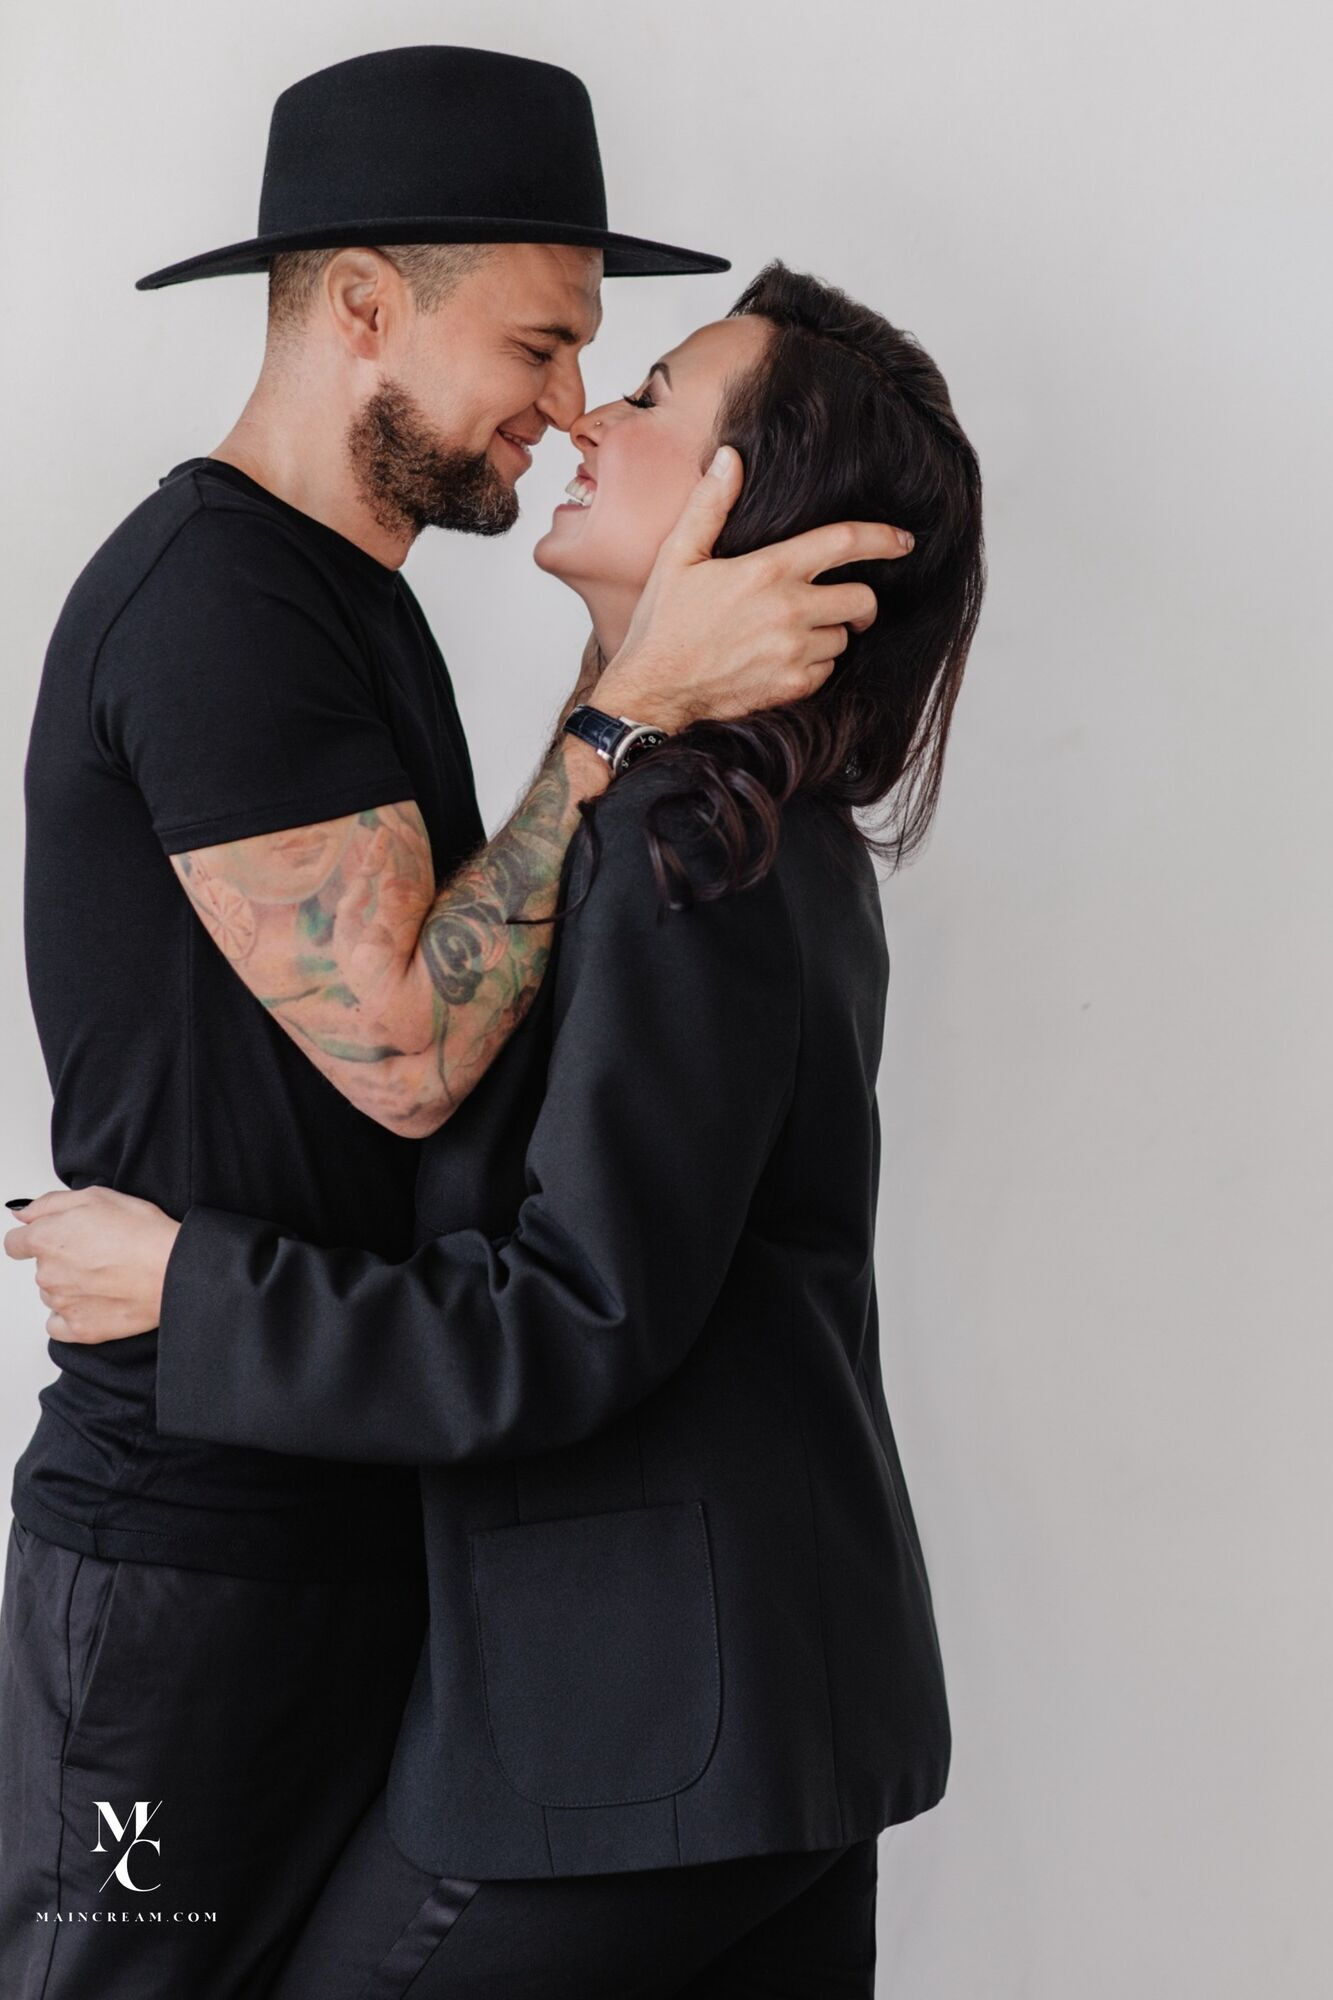 DJ Nana встречается с продюсером, композитором Русланом Квинтой